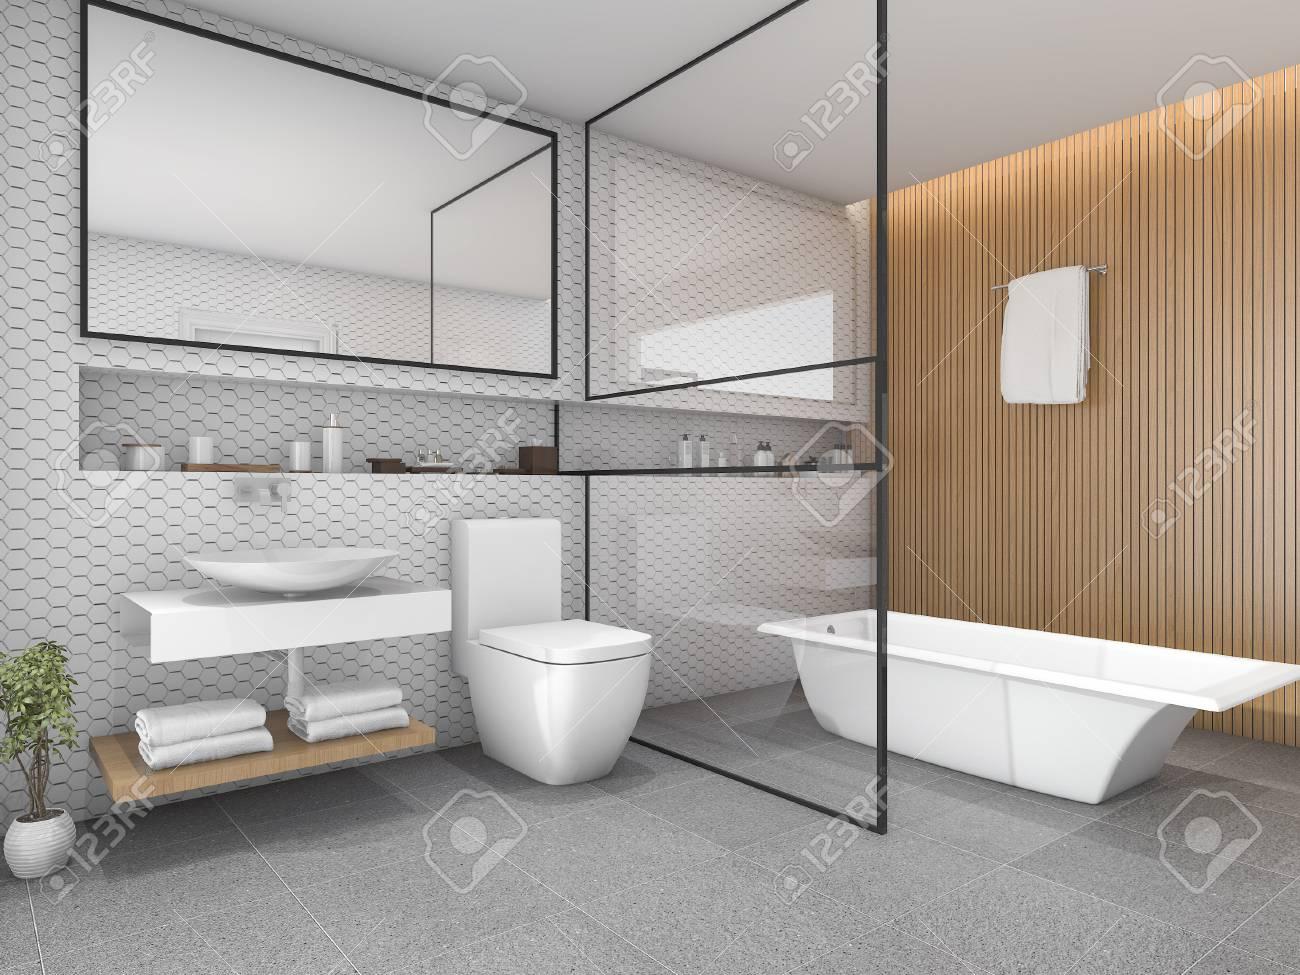 salle de bains carrelage hexagone blanc rendu 3d avec decor en bois